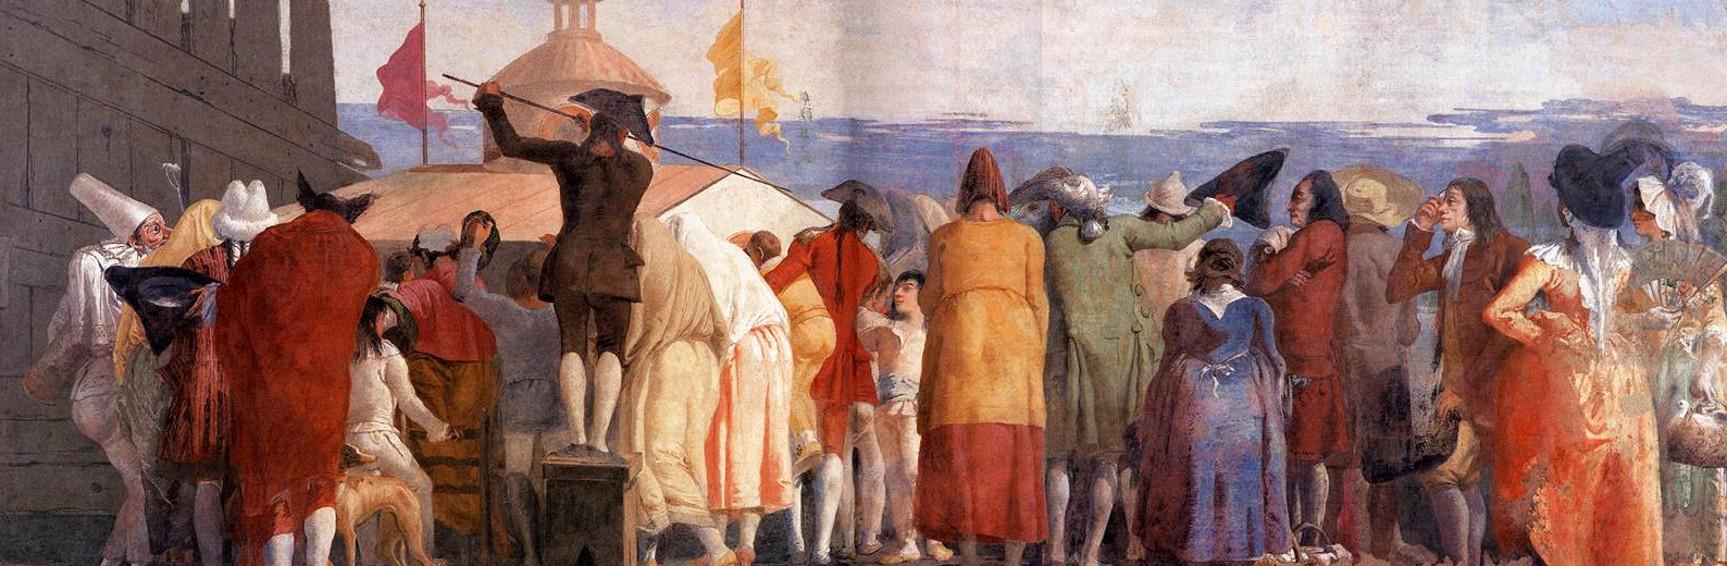 Venise en fête au Musée Cognacq-Jaypar Esprit de France